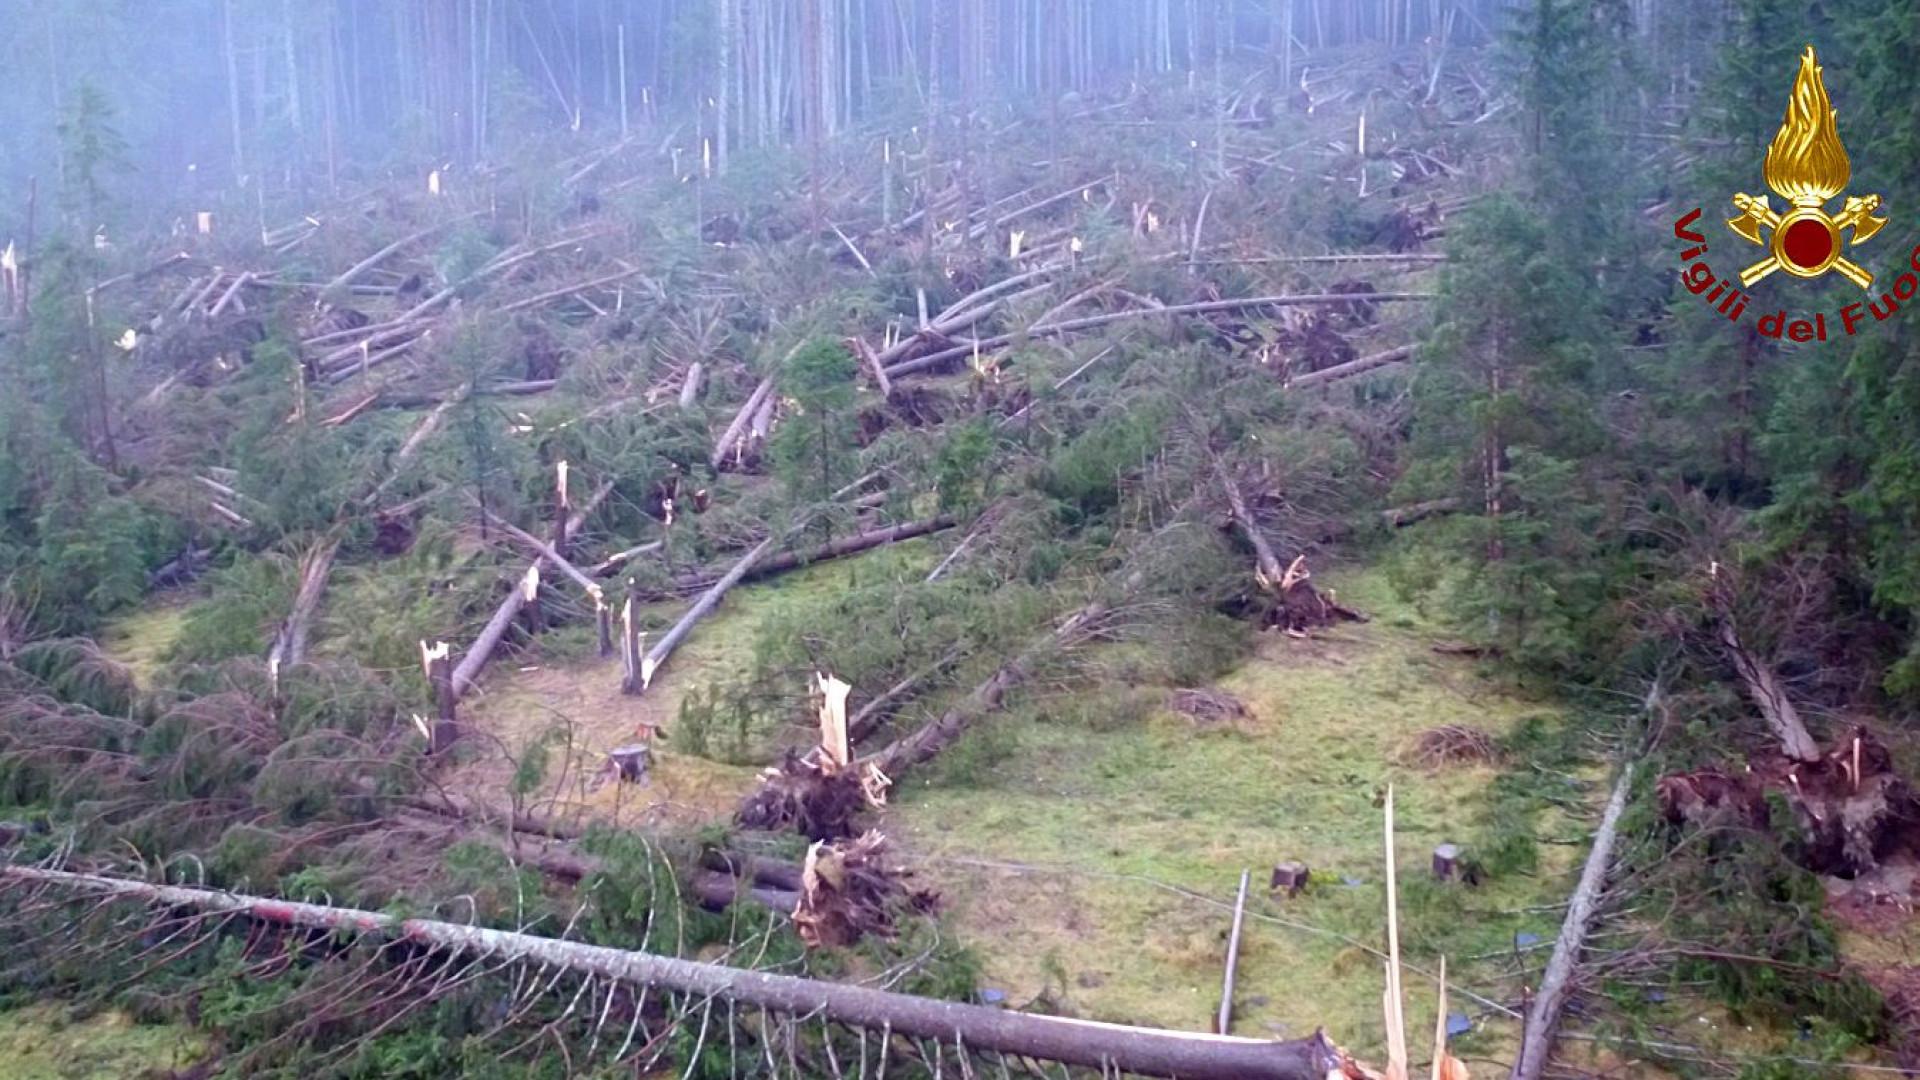 Tempestades em Itália causaram já 17 mortos e milhões de árvores caídas